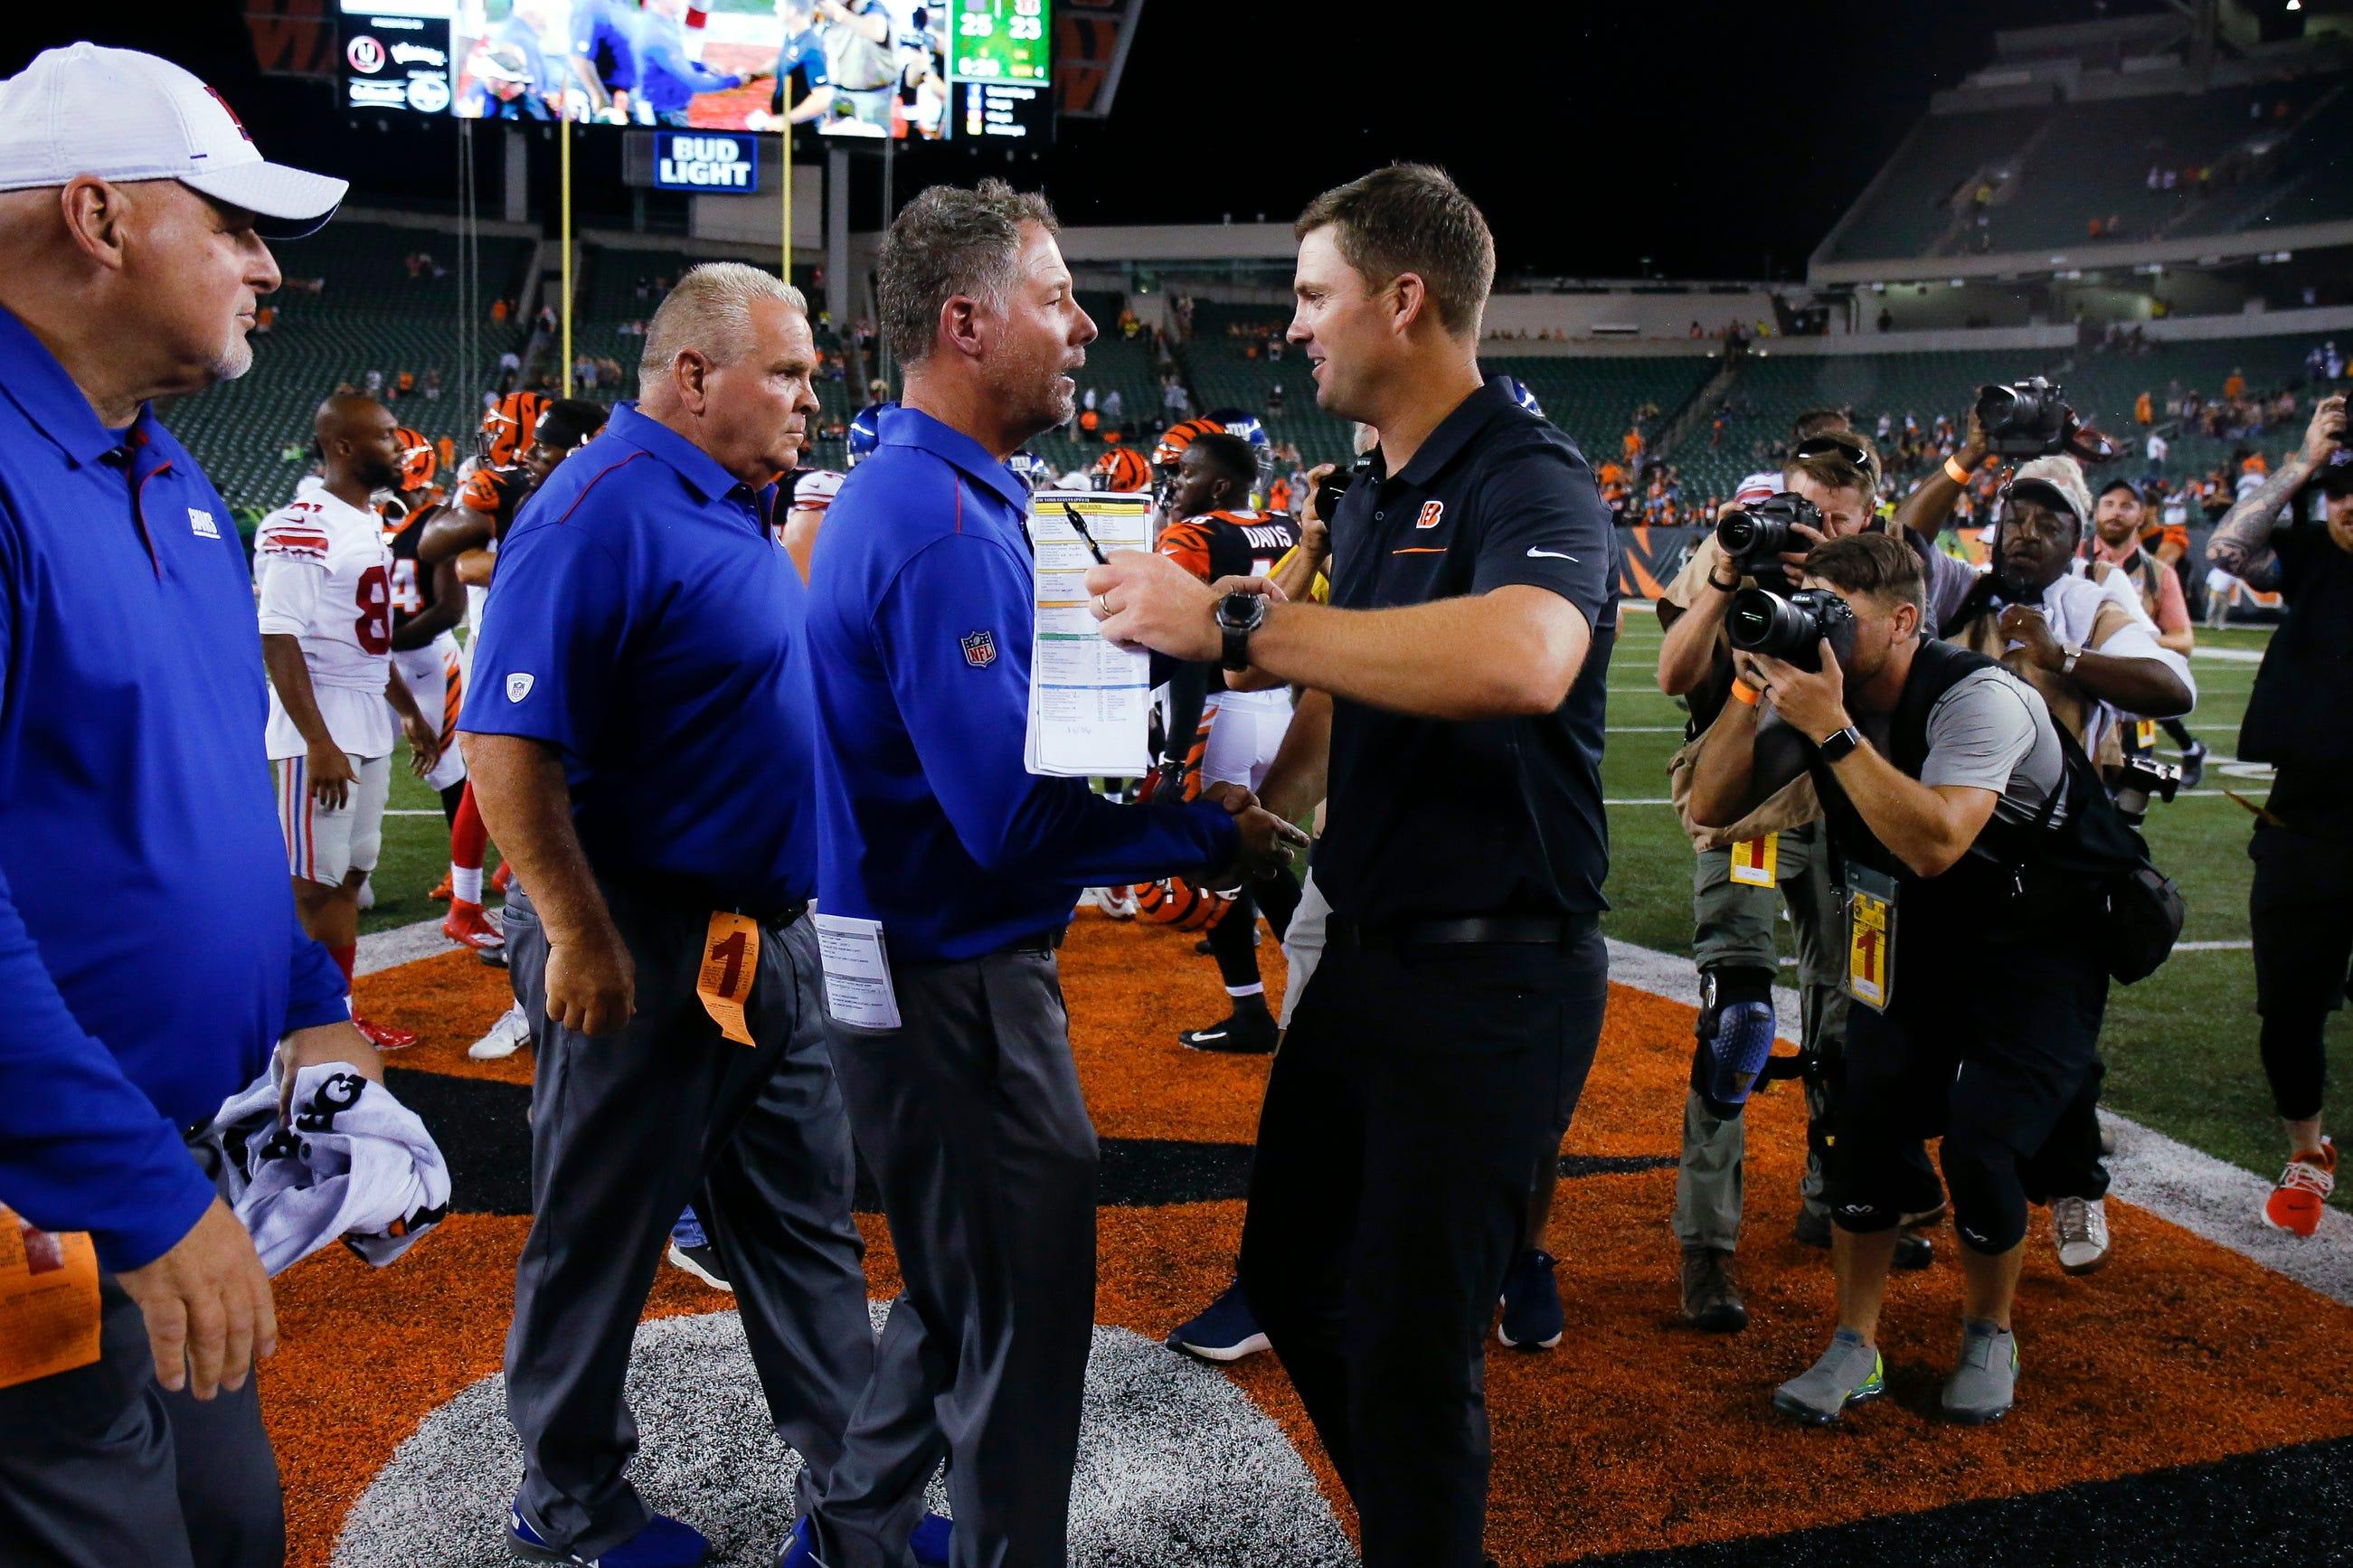 Jones leads TD drive in Giants' 25-23 win over Bengals